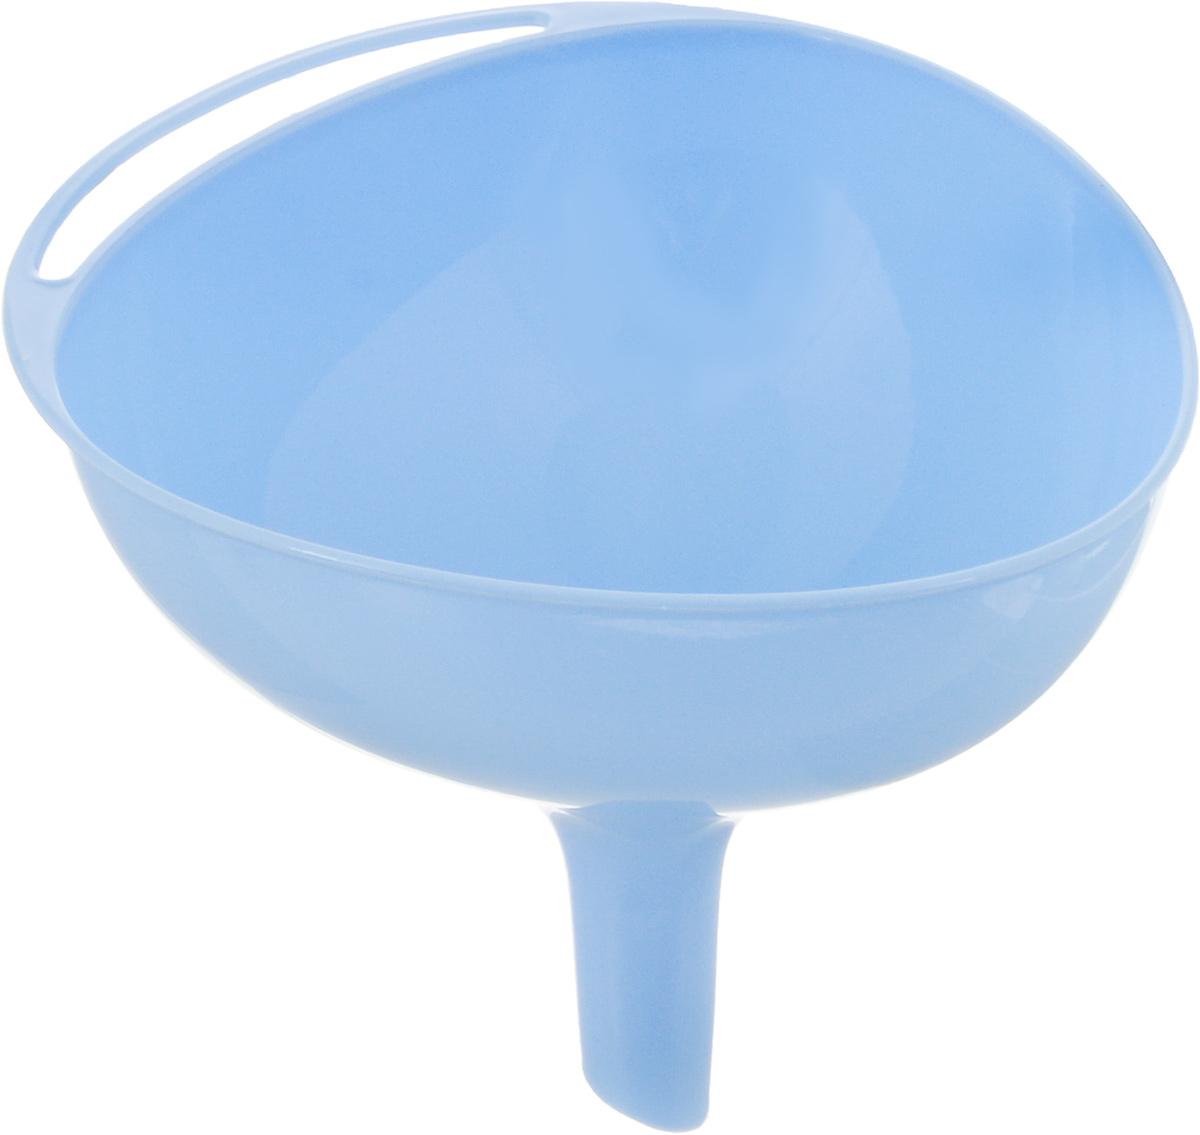 Воронка Мартика Ультимо, цвет: голубой. С248С248Воронка Мартика Ультимо, изготовленная из пластика, удобна в обращении, имеет небольшой вес и снабжена специальным отверстием для подвешивания. Привлекательный современный дизайн и высокий запас прочности - отличительные особенности данной модели. Изделие выполнено с соблюдением необходимых требований к качеству и безопасности, включая санитарные, предъявляемые к пластиковой продукции. Размер воронки: 13 х 12 см. Диаметр отверстия для слива: 1,5 см.